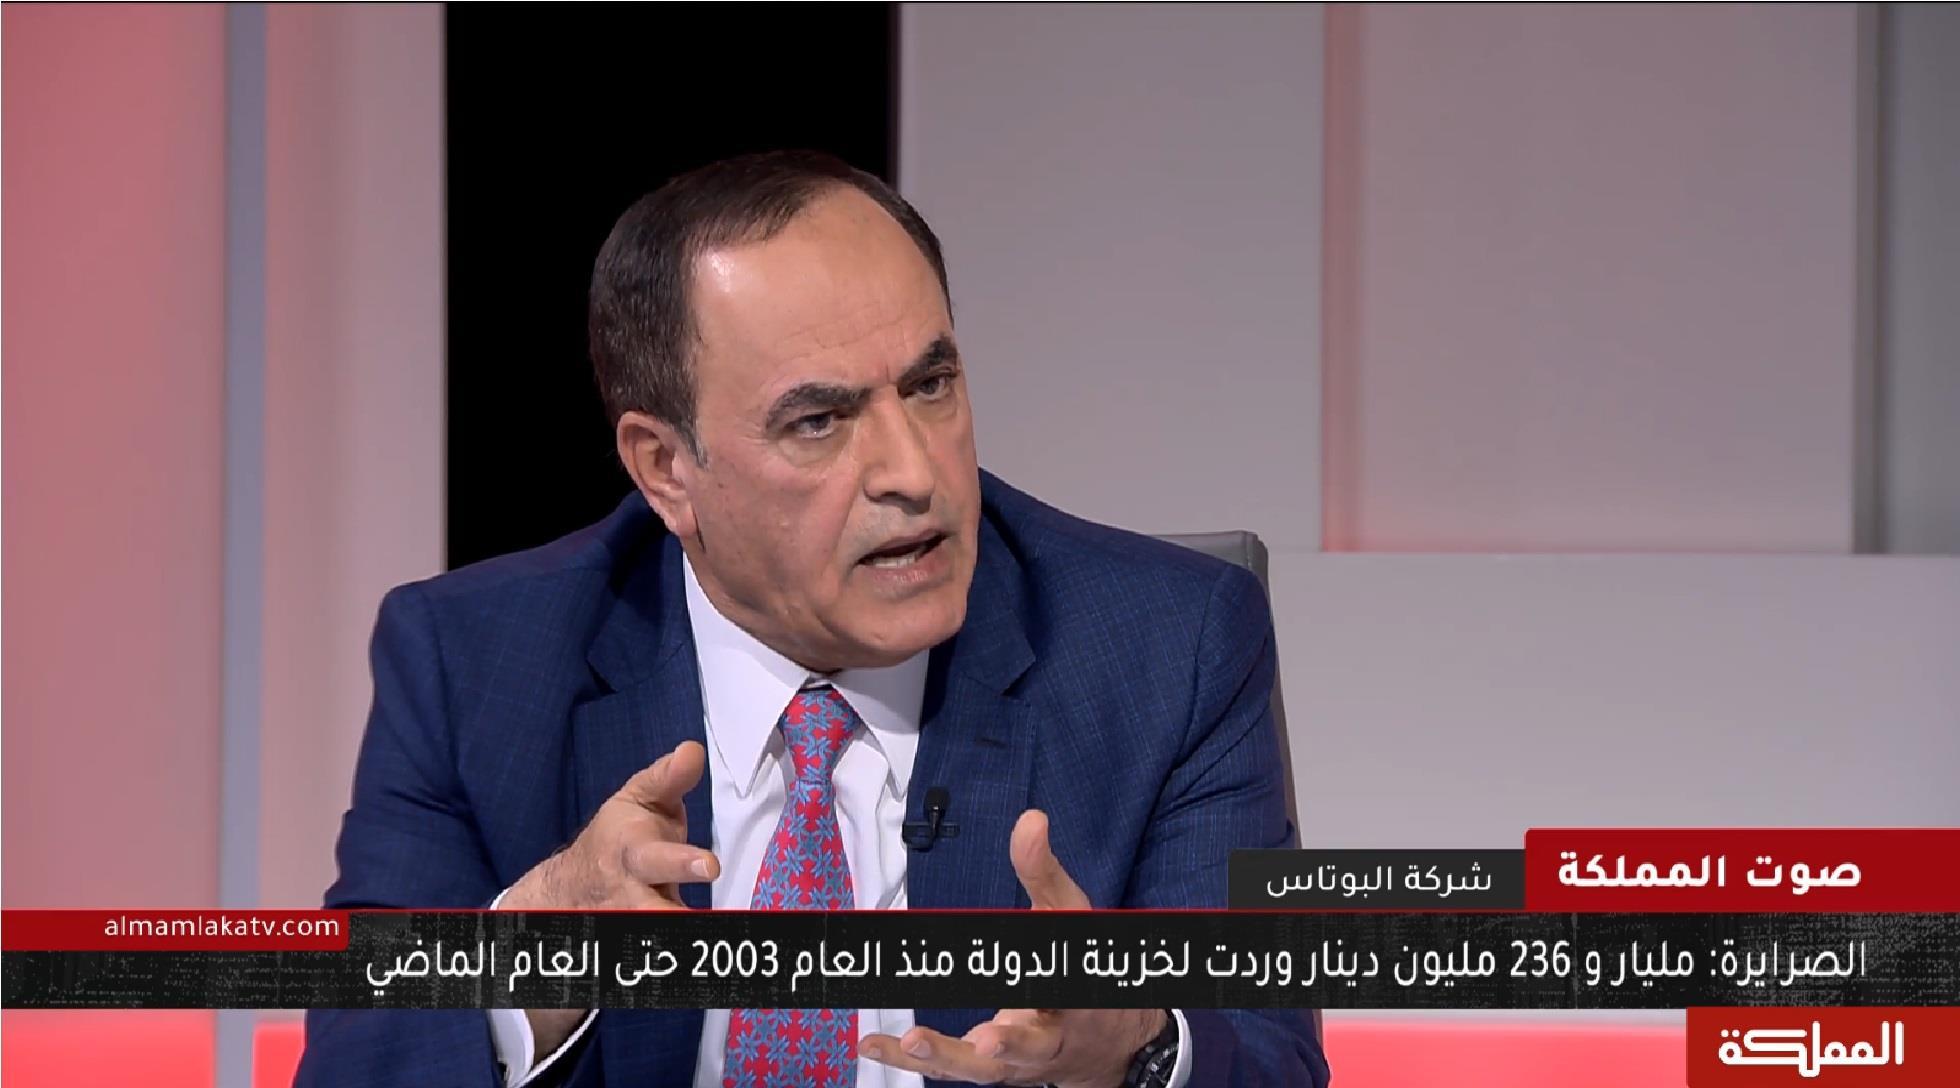 صوت المملكة | البوتاس العربية ... أرقام وحقائق